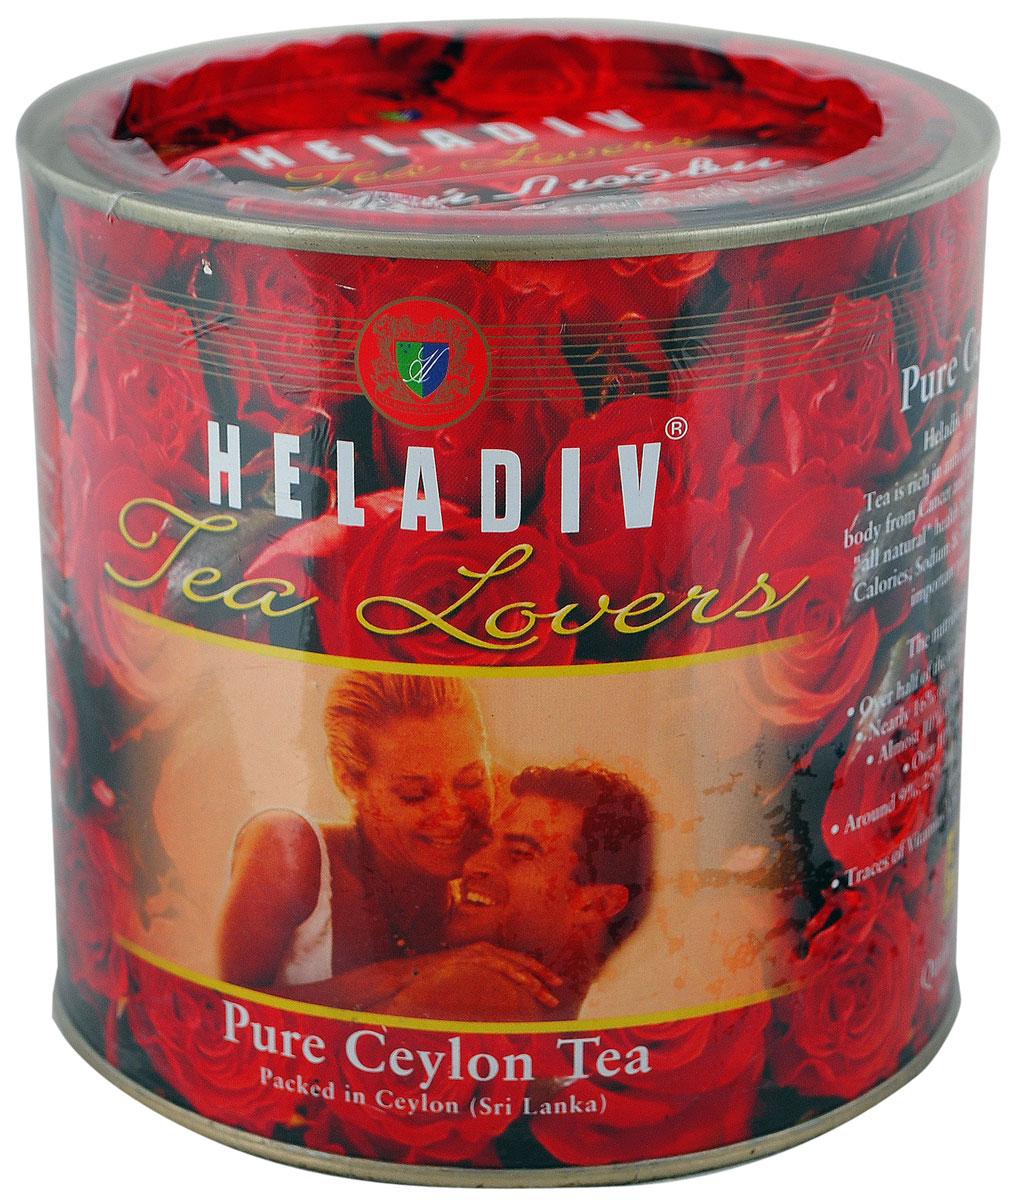 Heladiv Tea Lovers чай черный листовой, 450 г40134Heladiv Tea Lovers (Хеладив Чай Любви) - это черный крупнолистовой цейлонский чай высшего сорта. Этот напиток снимает чувство усталости, способствует выведению вредных веществ из организма и укрепляет сердечно-сосудистую систему. Чай Хеладив - это экологически чистый продукт, который может стать неотъемлемой частью вашей здоровой диеты.